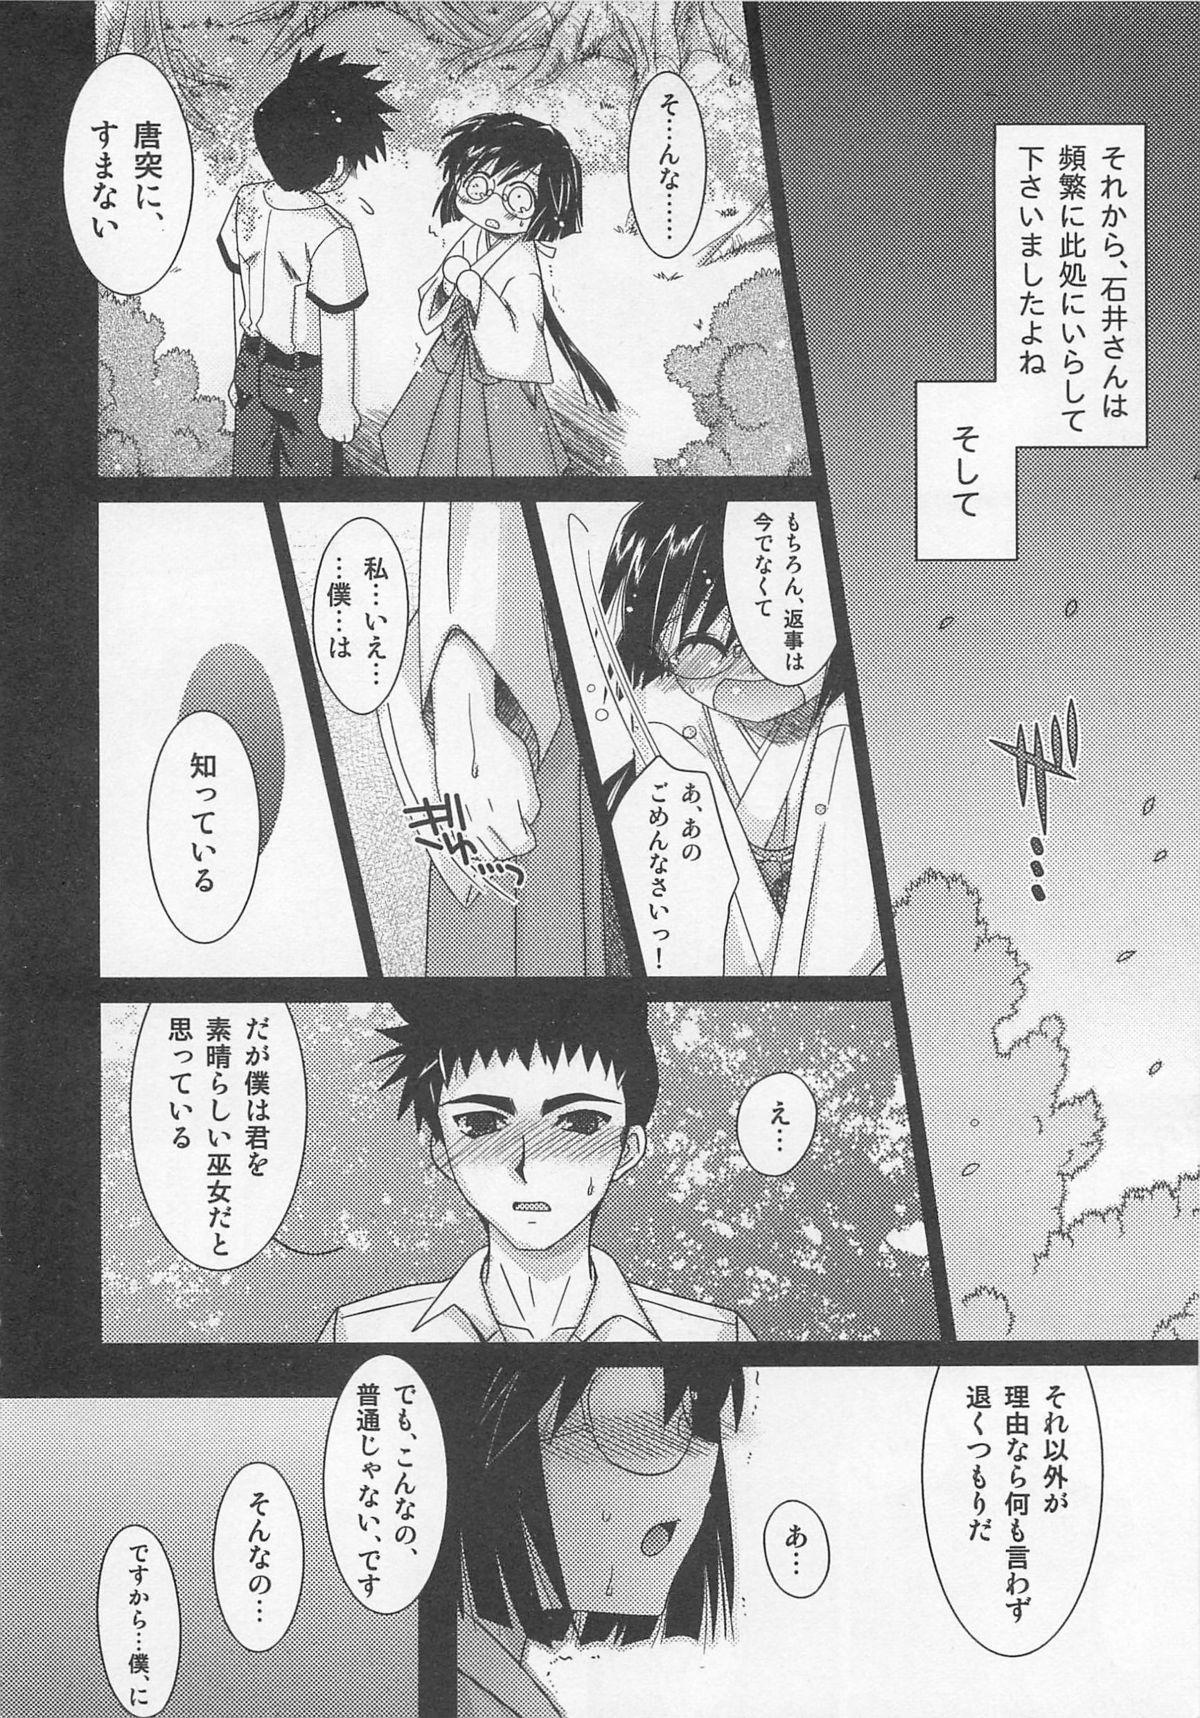 Otokonoko HEAVEN Vol. 01 Meganekko 8